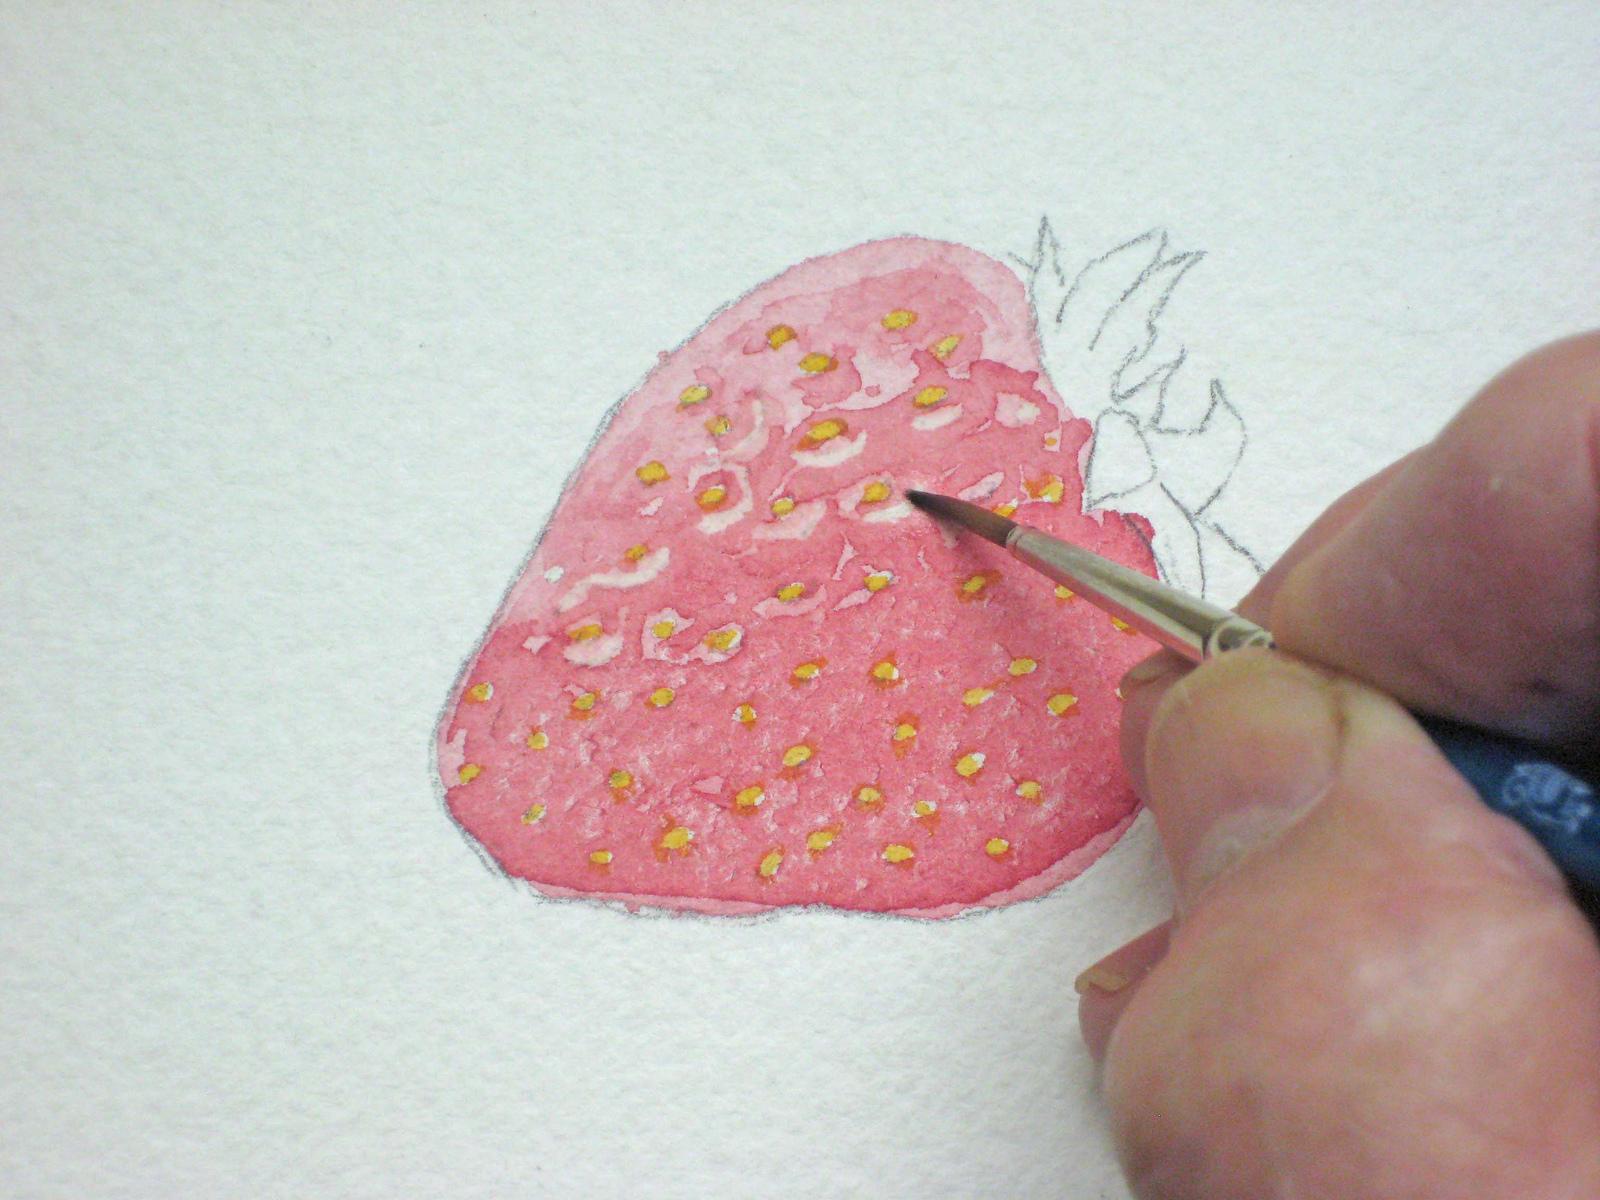 erdbeeren malen fr chte malen obst malen tutorial wie malt zeichnen lernen malen. Black Bedroom Furniture Sets. Home Design Ideas